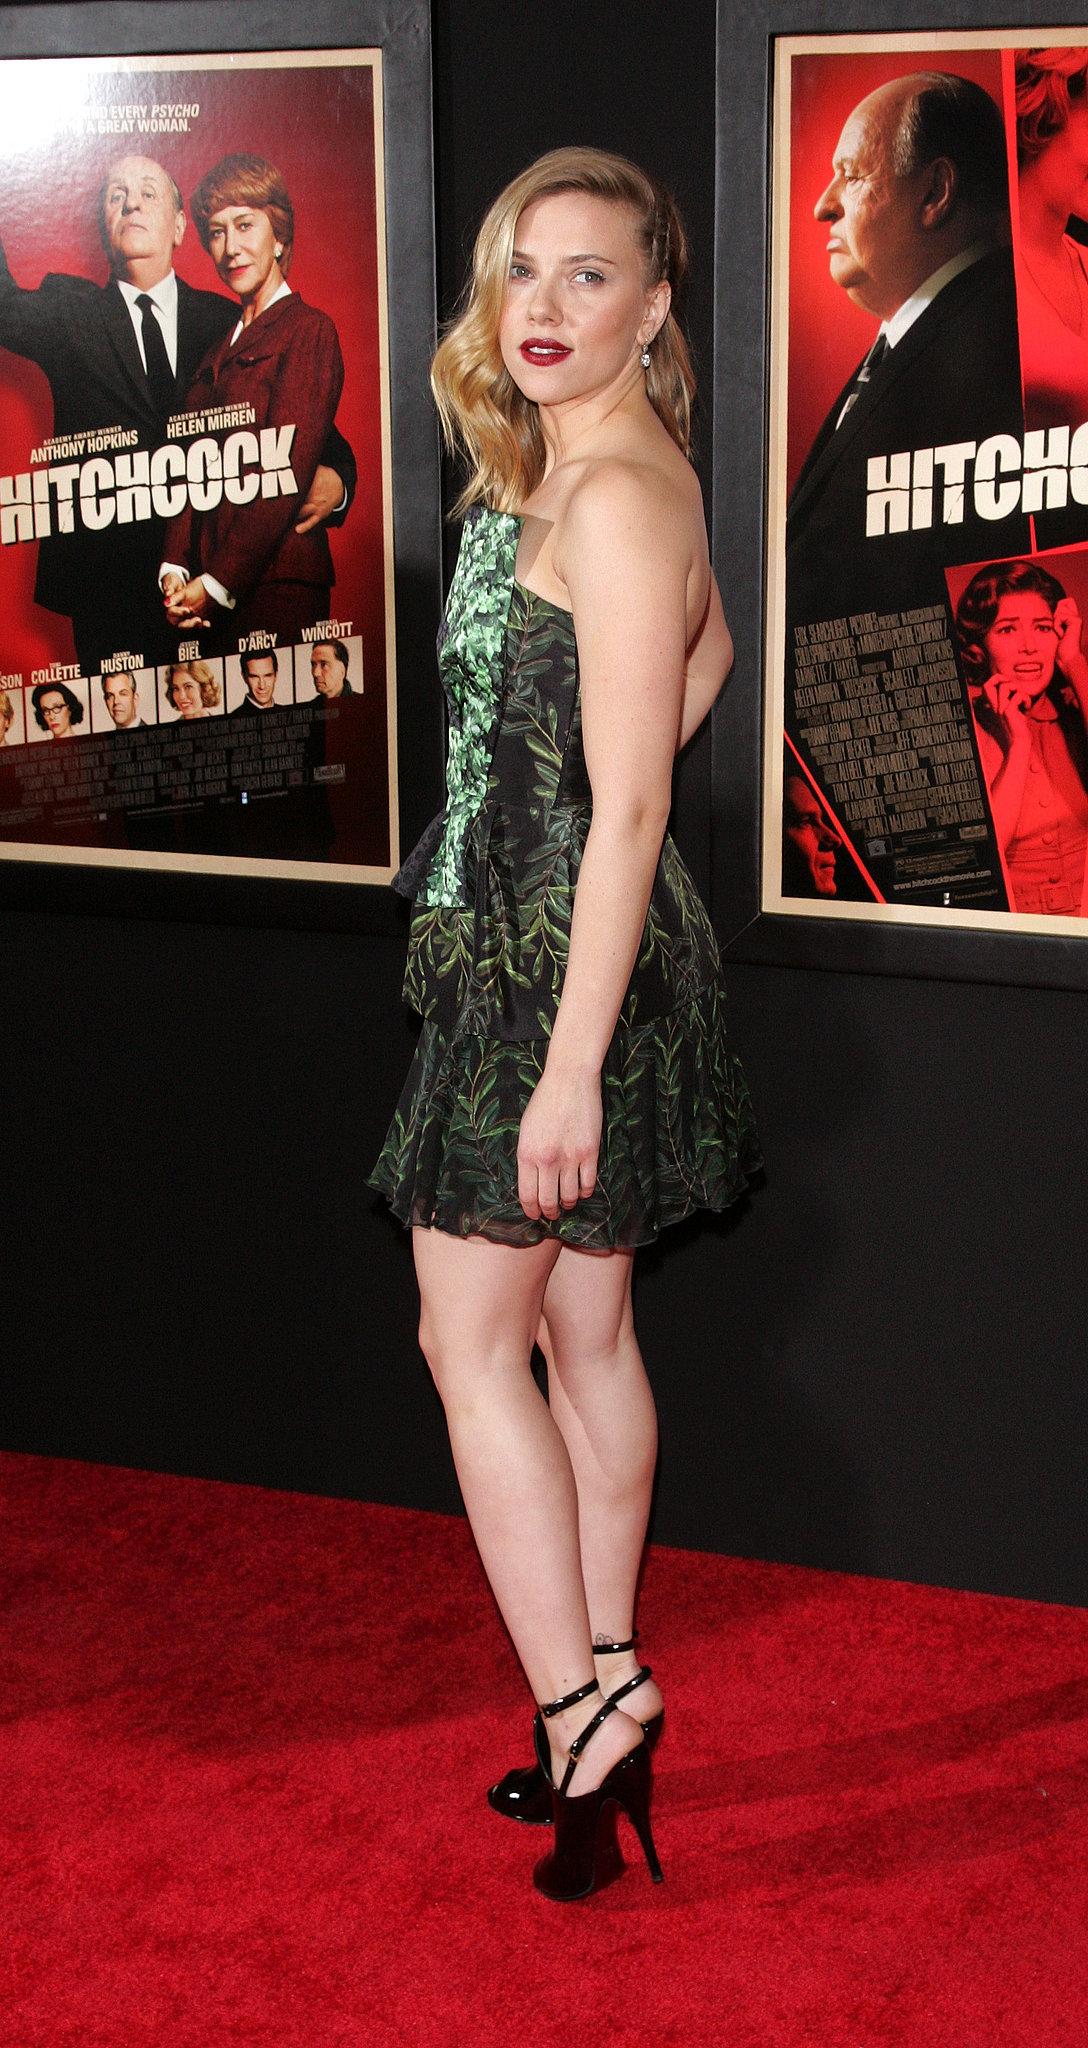 Scarlett Johansson at the Hitchcock NY premiere, 2012